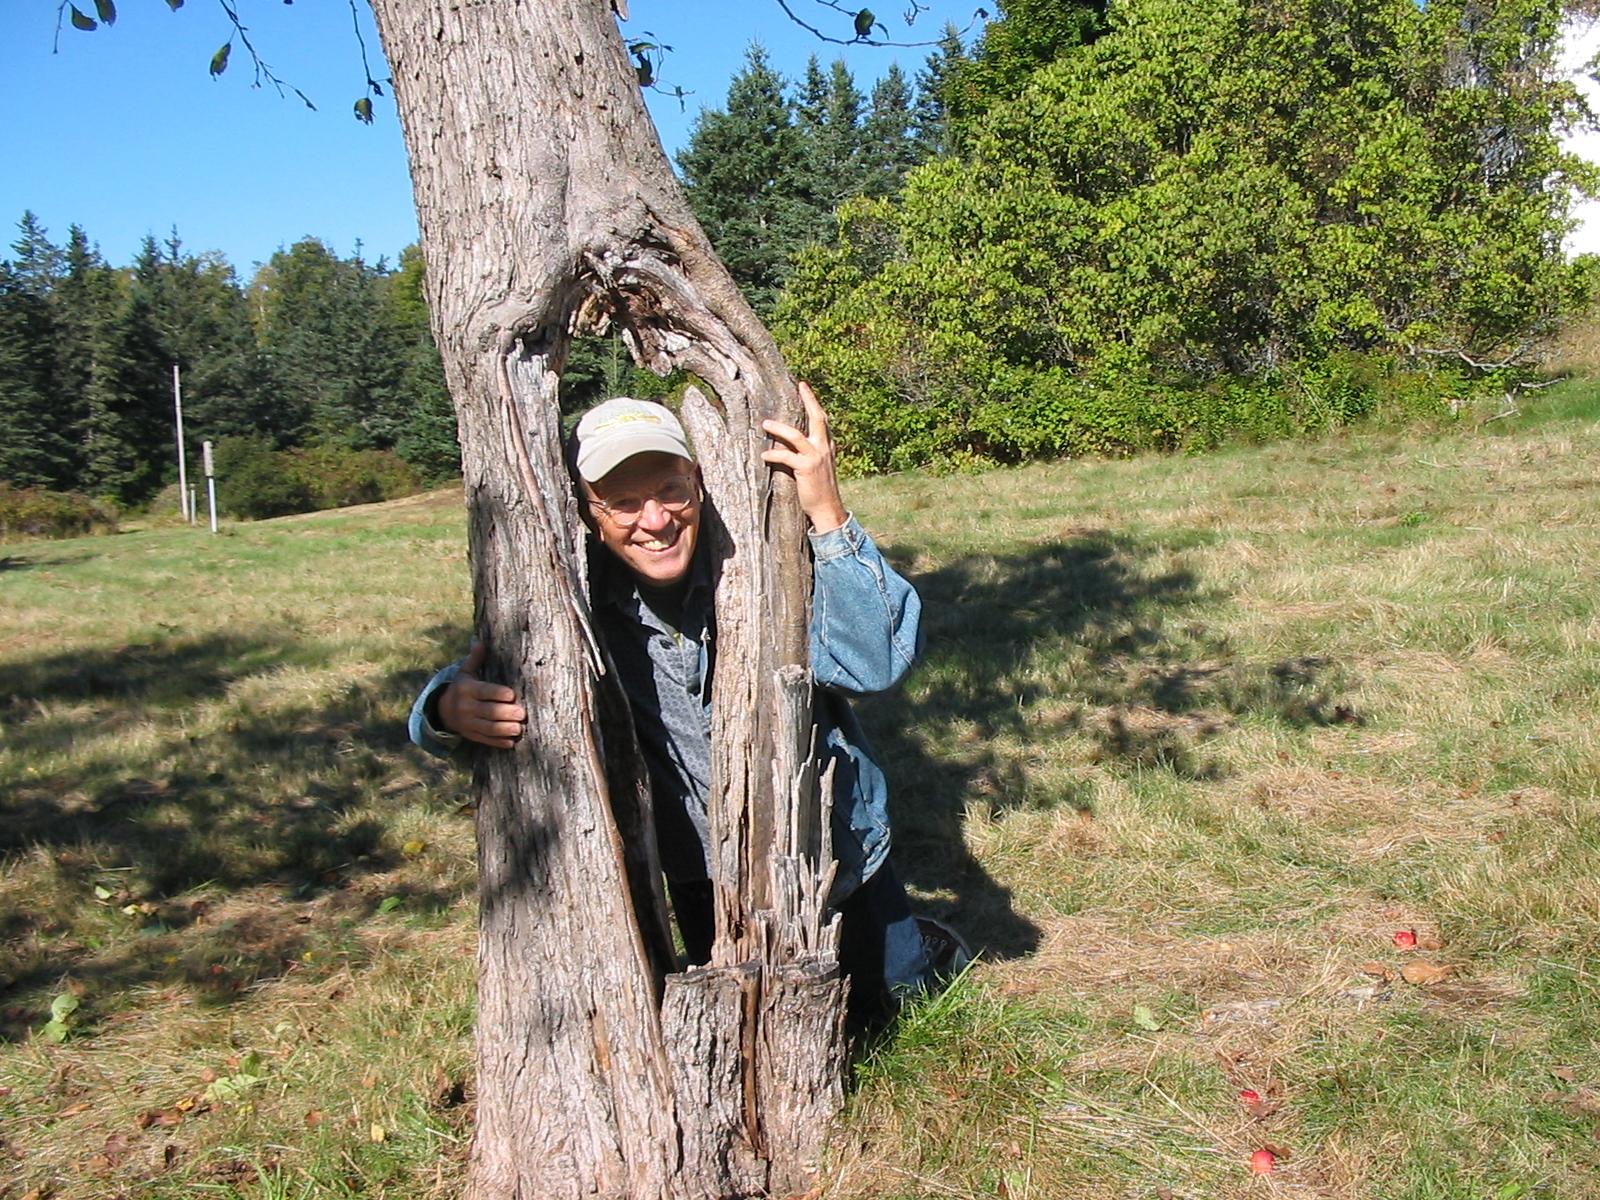 JPBHole in tree.JPG